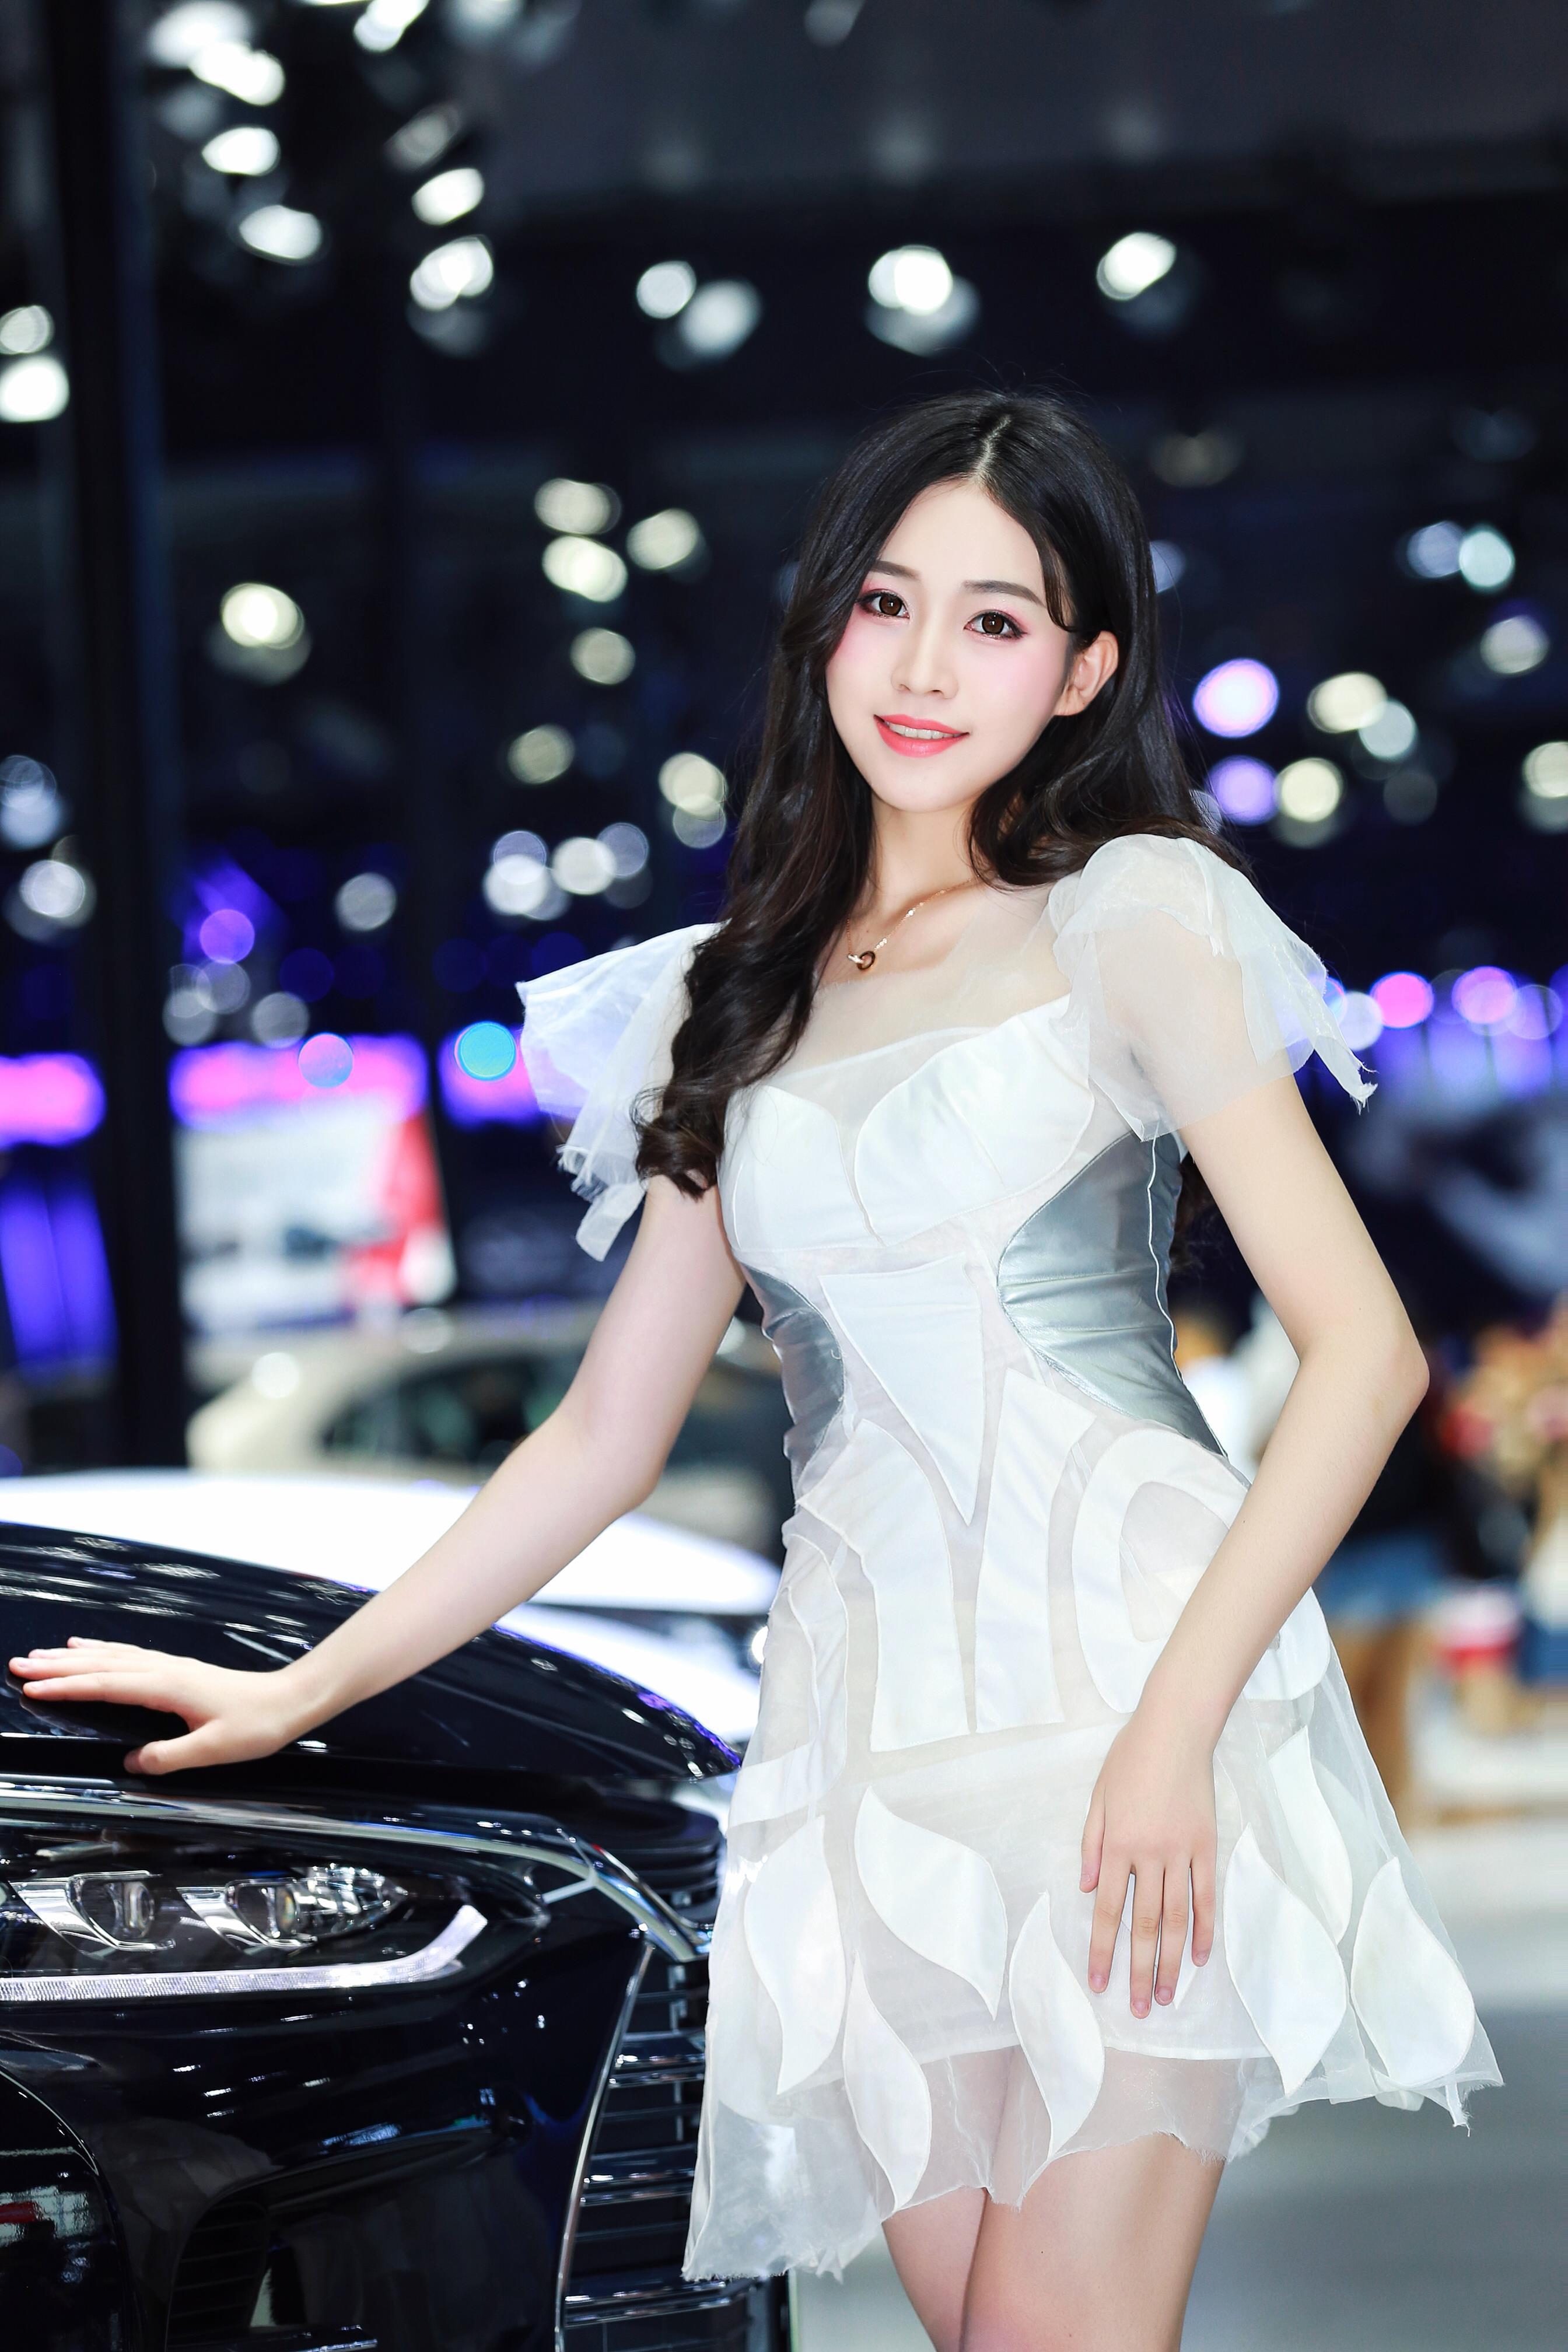 成都国际车展比亚迪展台美女车模 刘婷DDuu 白色透视连衣裙性感写真